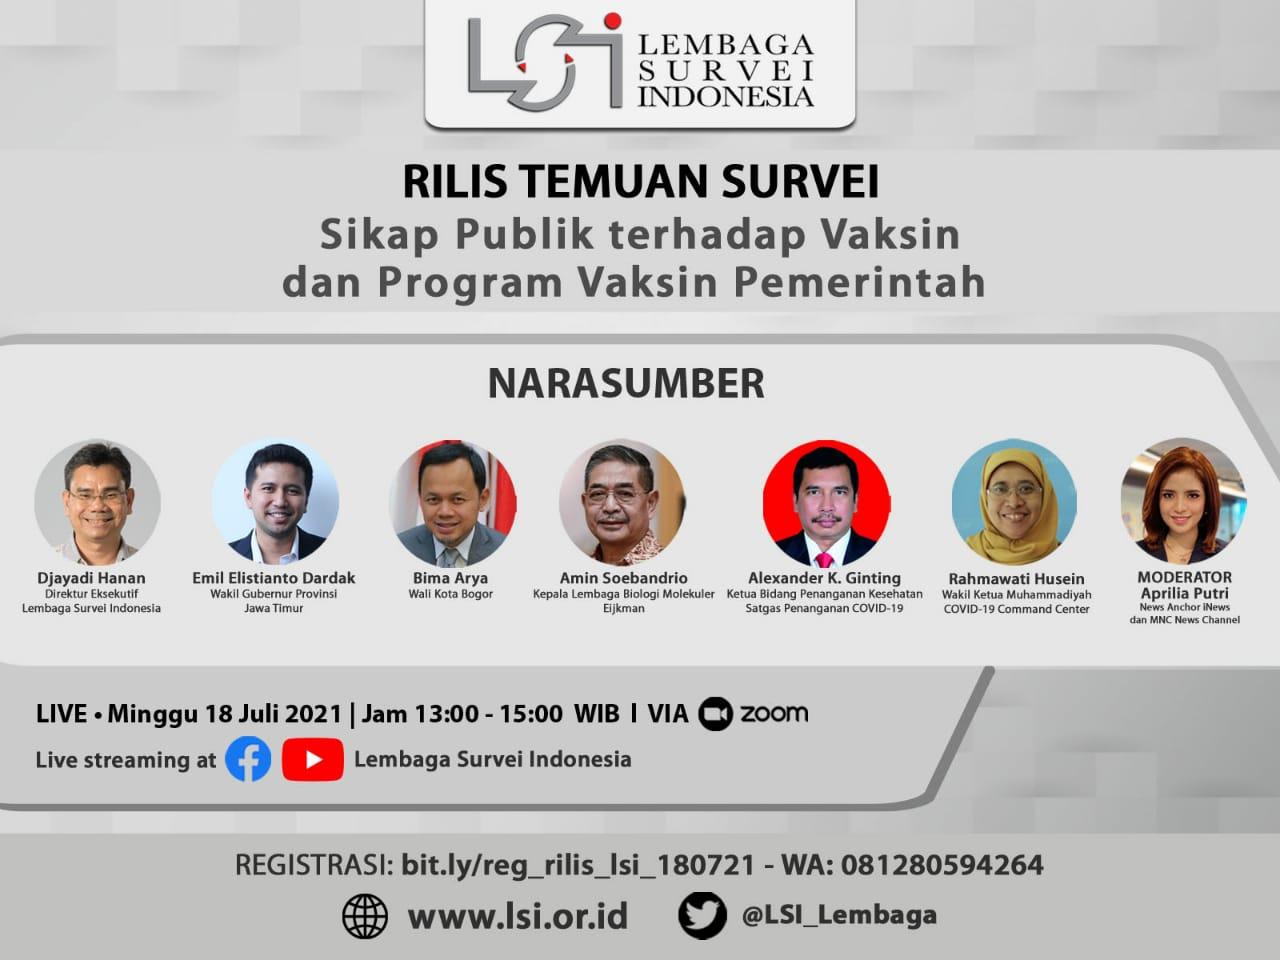 LSI Rilis Survei Nasional Persepsi Publik terhadap Vaksinasi Indonesia, Bagaimana Hasilnya?